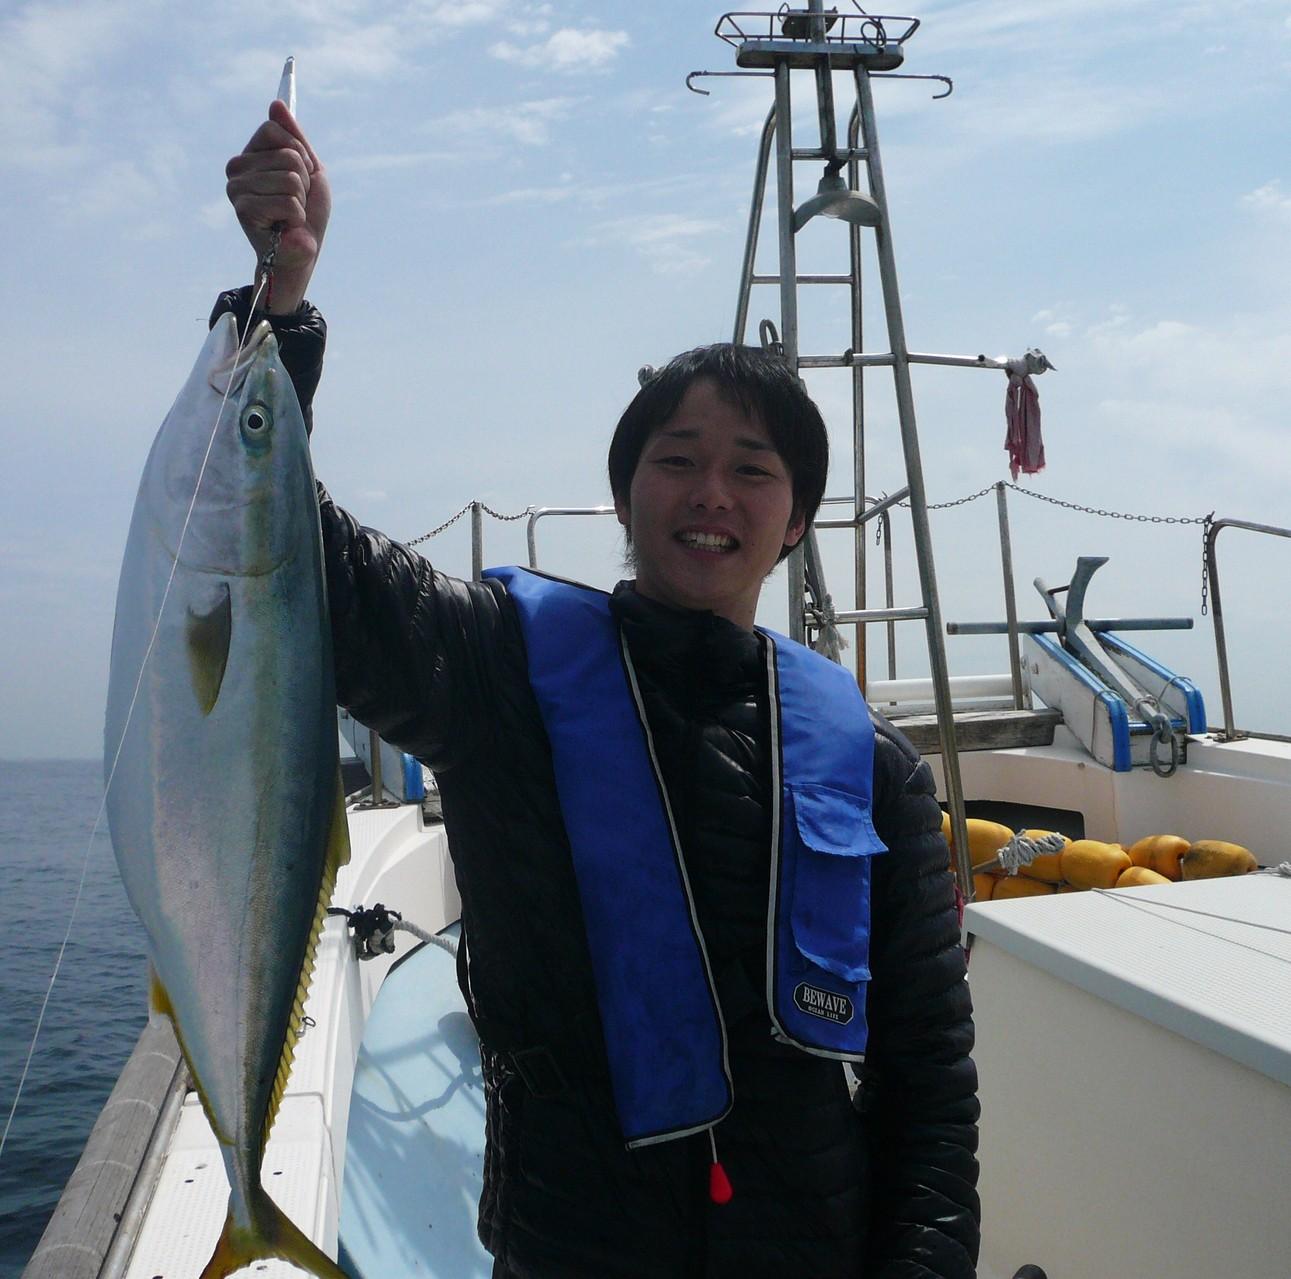 5月4日 バケモン(タイ釣り場)ポイント 松田さん